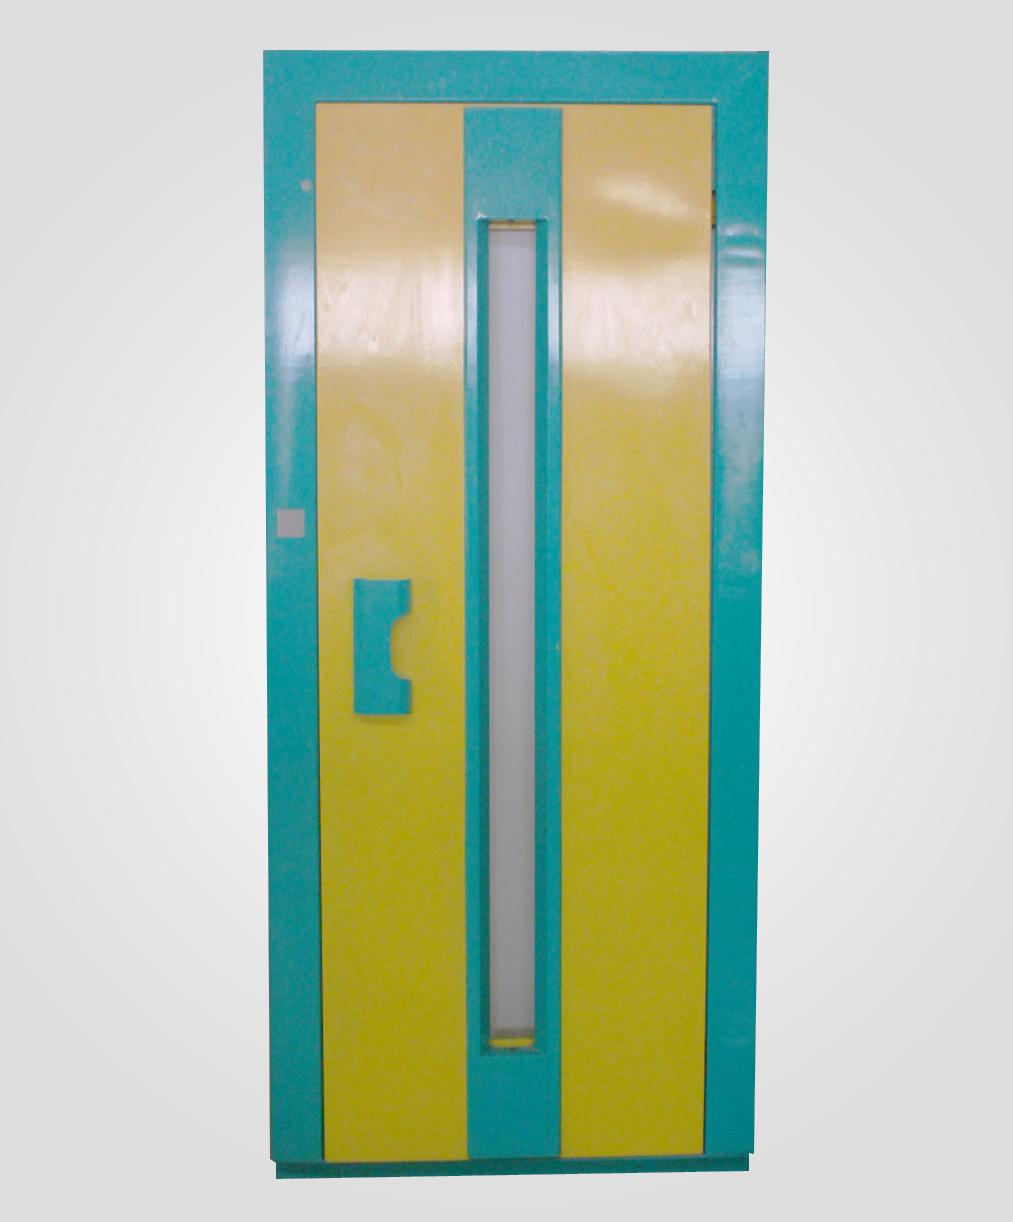 باب مصعد (نوع أ)